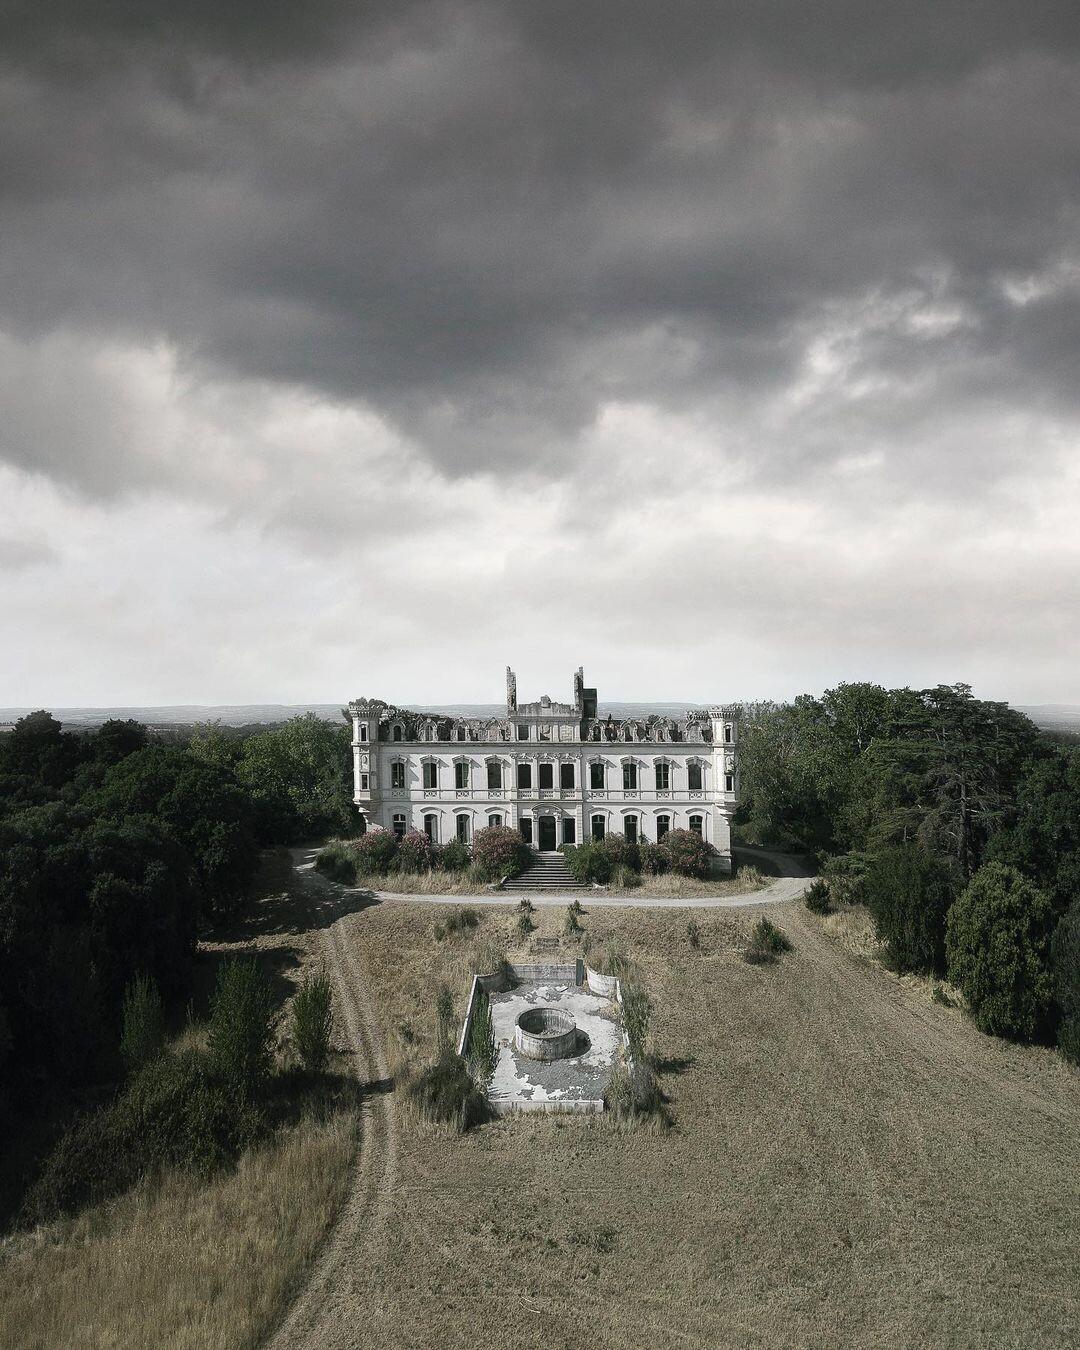 Заброшенный замок в Европе. Фотопроект Киммо Пархиала и Тани Палмунен «Заброшенная Скандинавия»